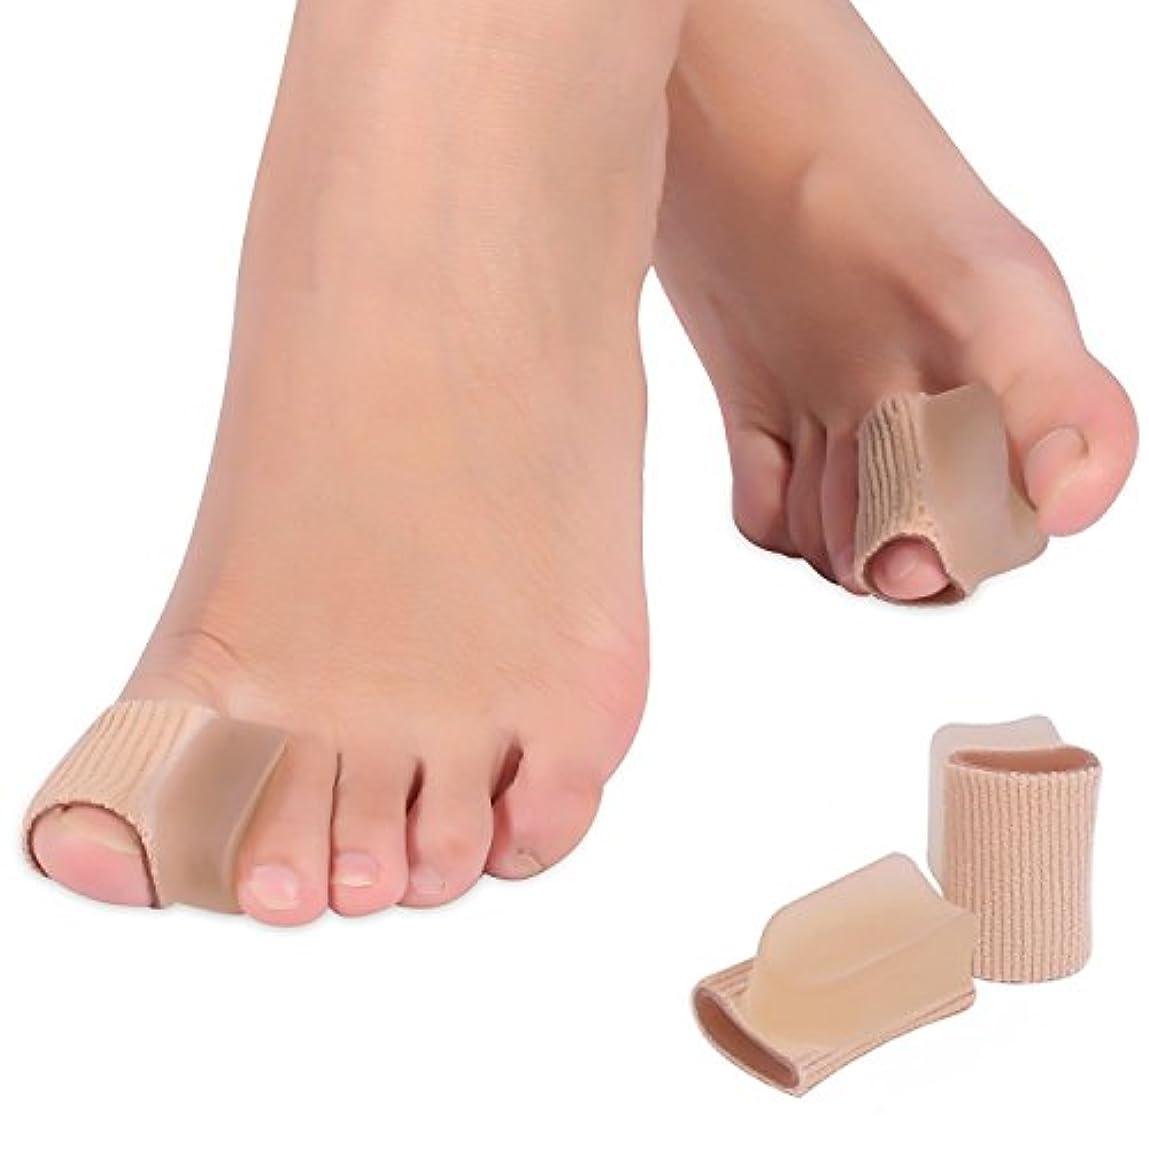 持続的カレッジ音声親指ジェルパッド 足指分離パッド 足指スペーサー 足指矯正 ソフトなジェル製 伸縮 柔軟 足指保護 親指ケア 肌色「4個セット」